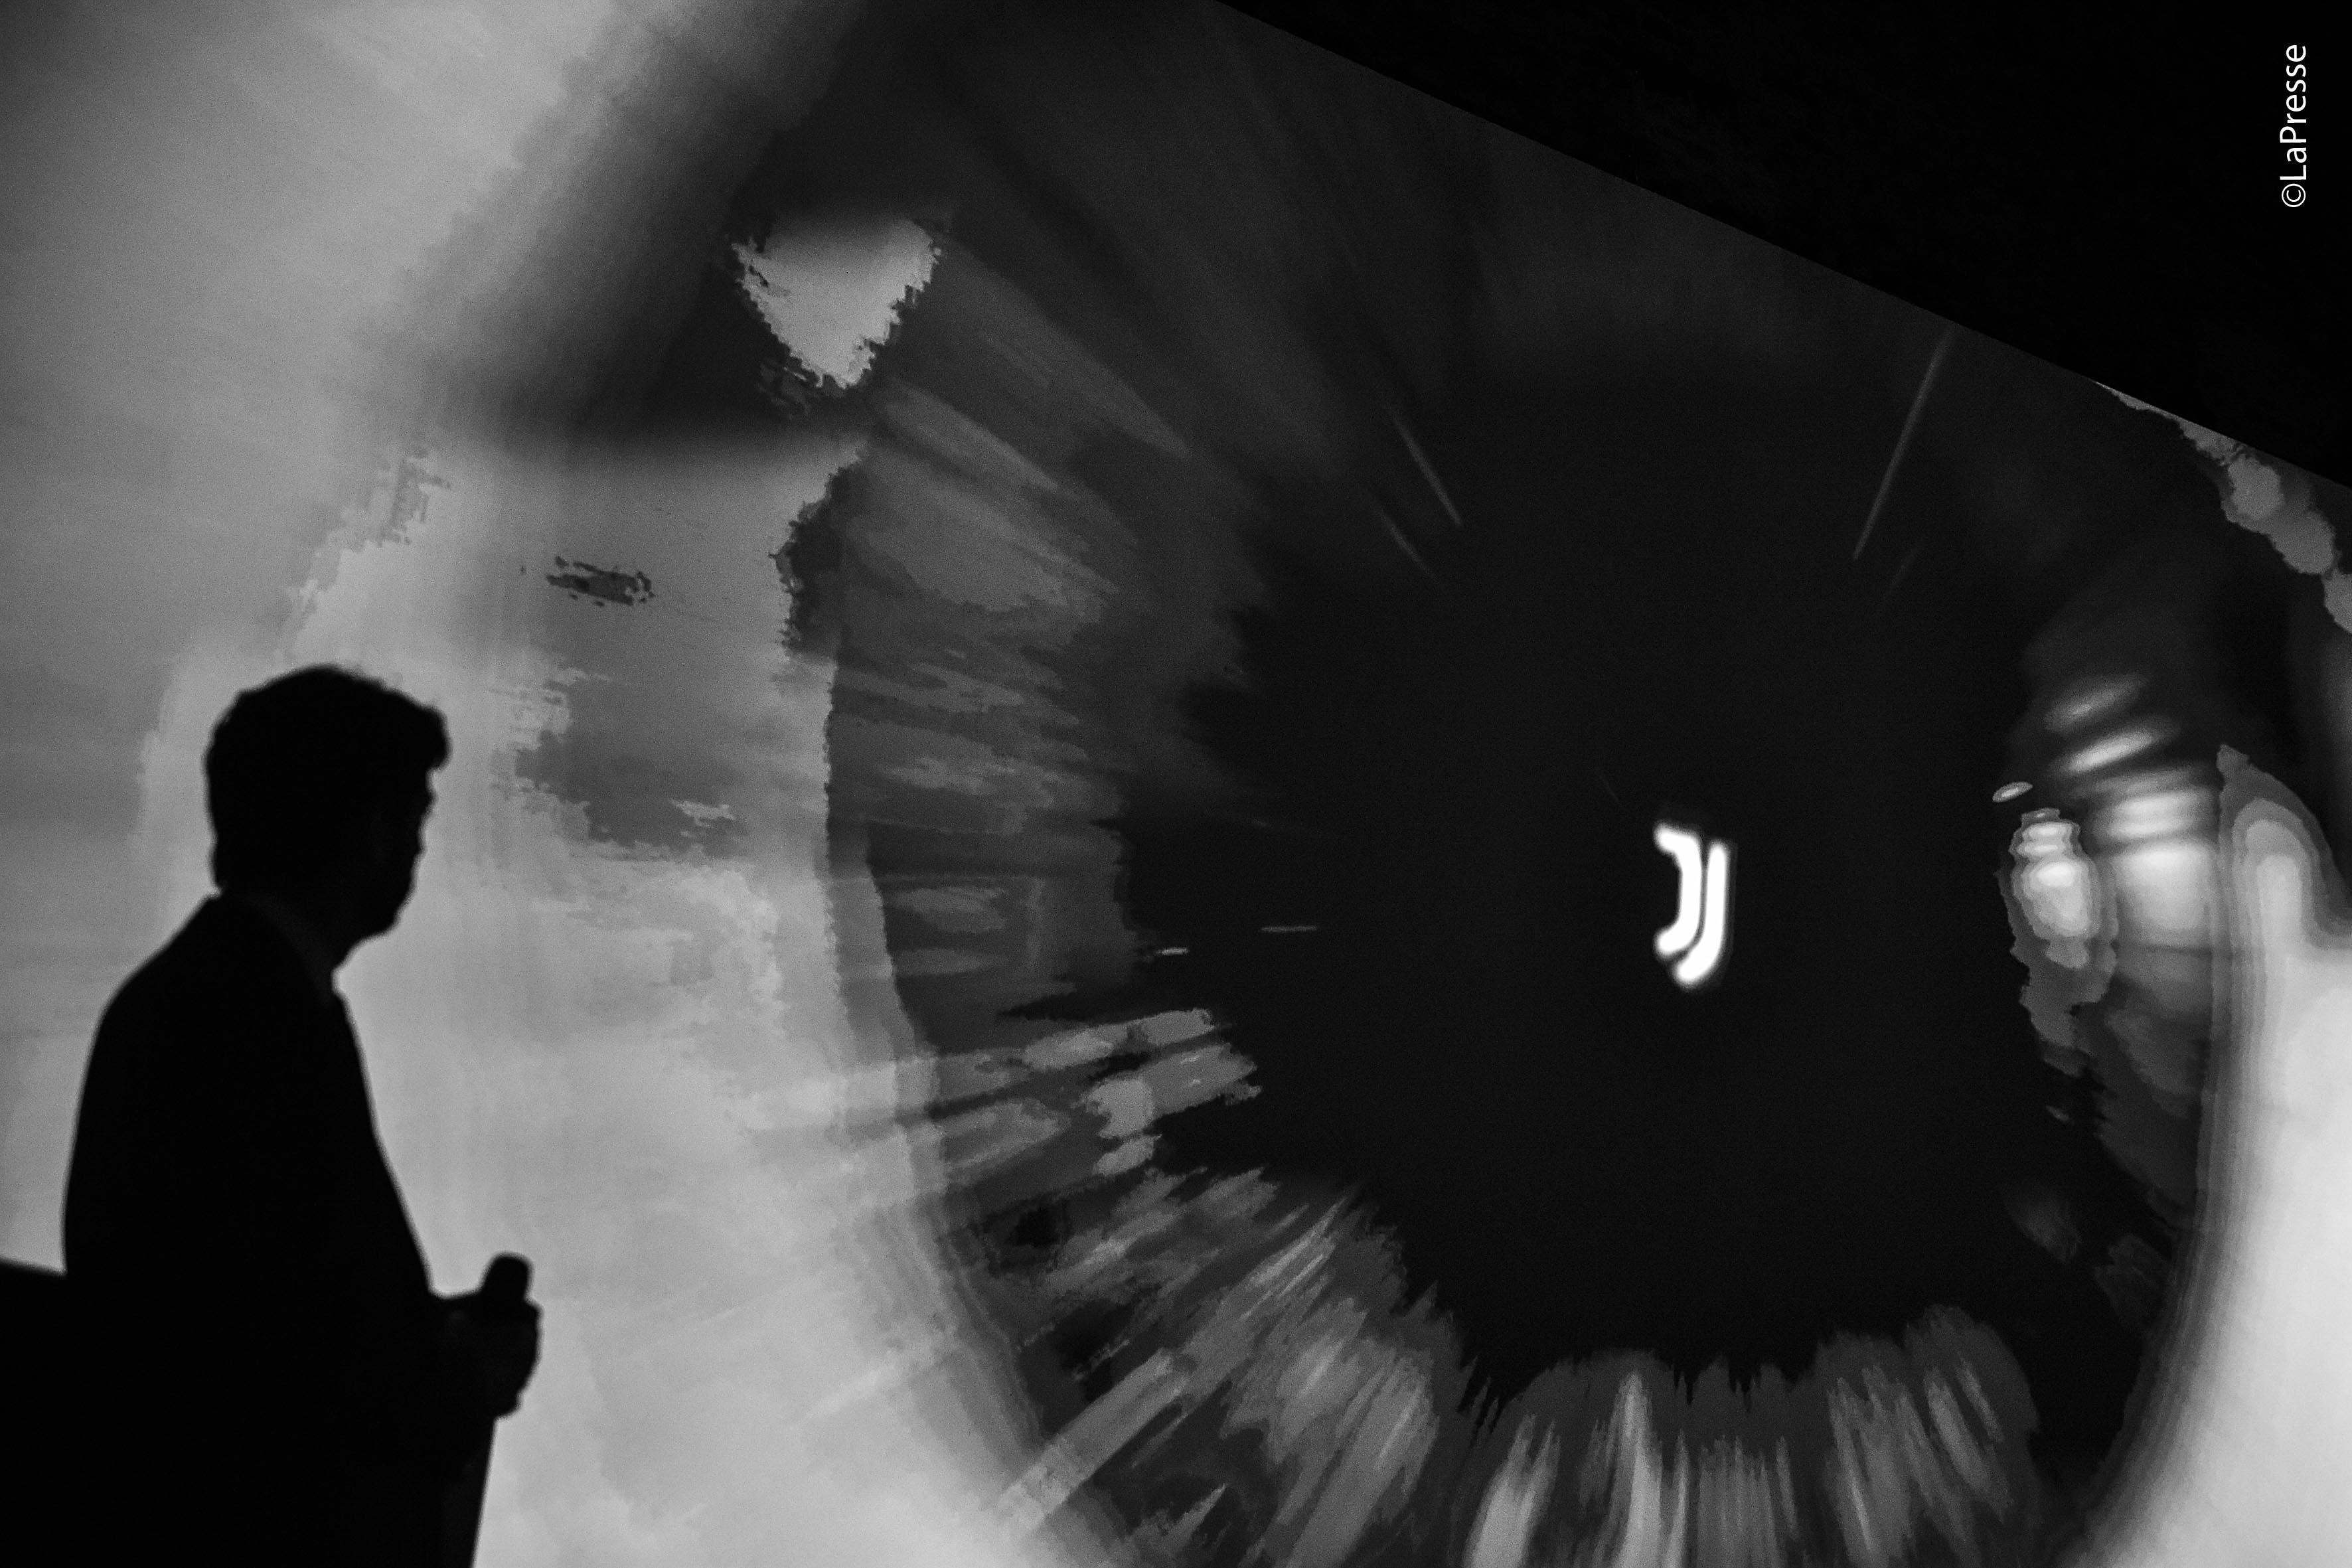 Foto LaPresse - Daniele Badolato 16/01/2017 Milano ( Italia) Sport Calcio ESCLUSIVA JUVENTUS Juventus, Black and white and more Nella foto: il nuovo logo Photo LaPresse - Daniele Badolato 16 January 2017 Milano ( Italy) Sport Soccer Juventus, Black and white and more In the pic: the new logo